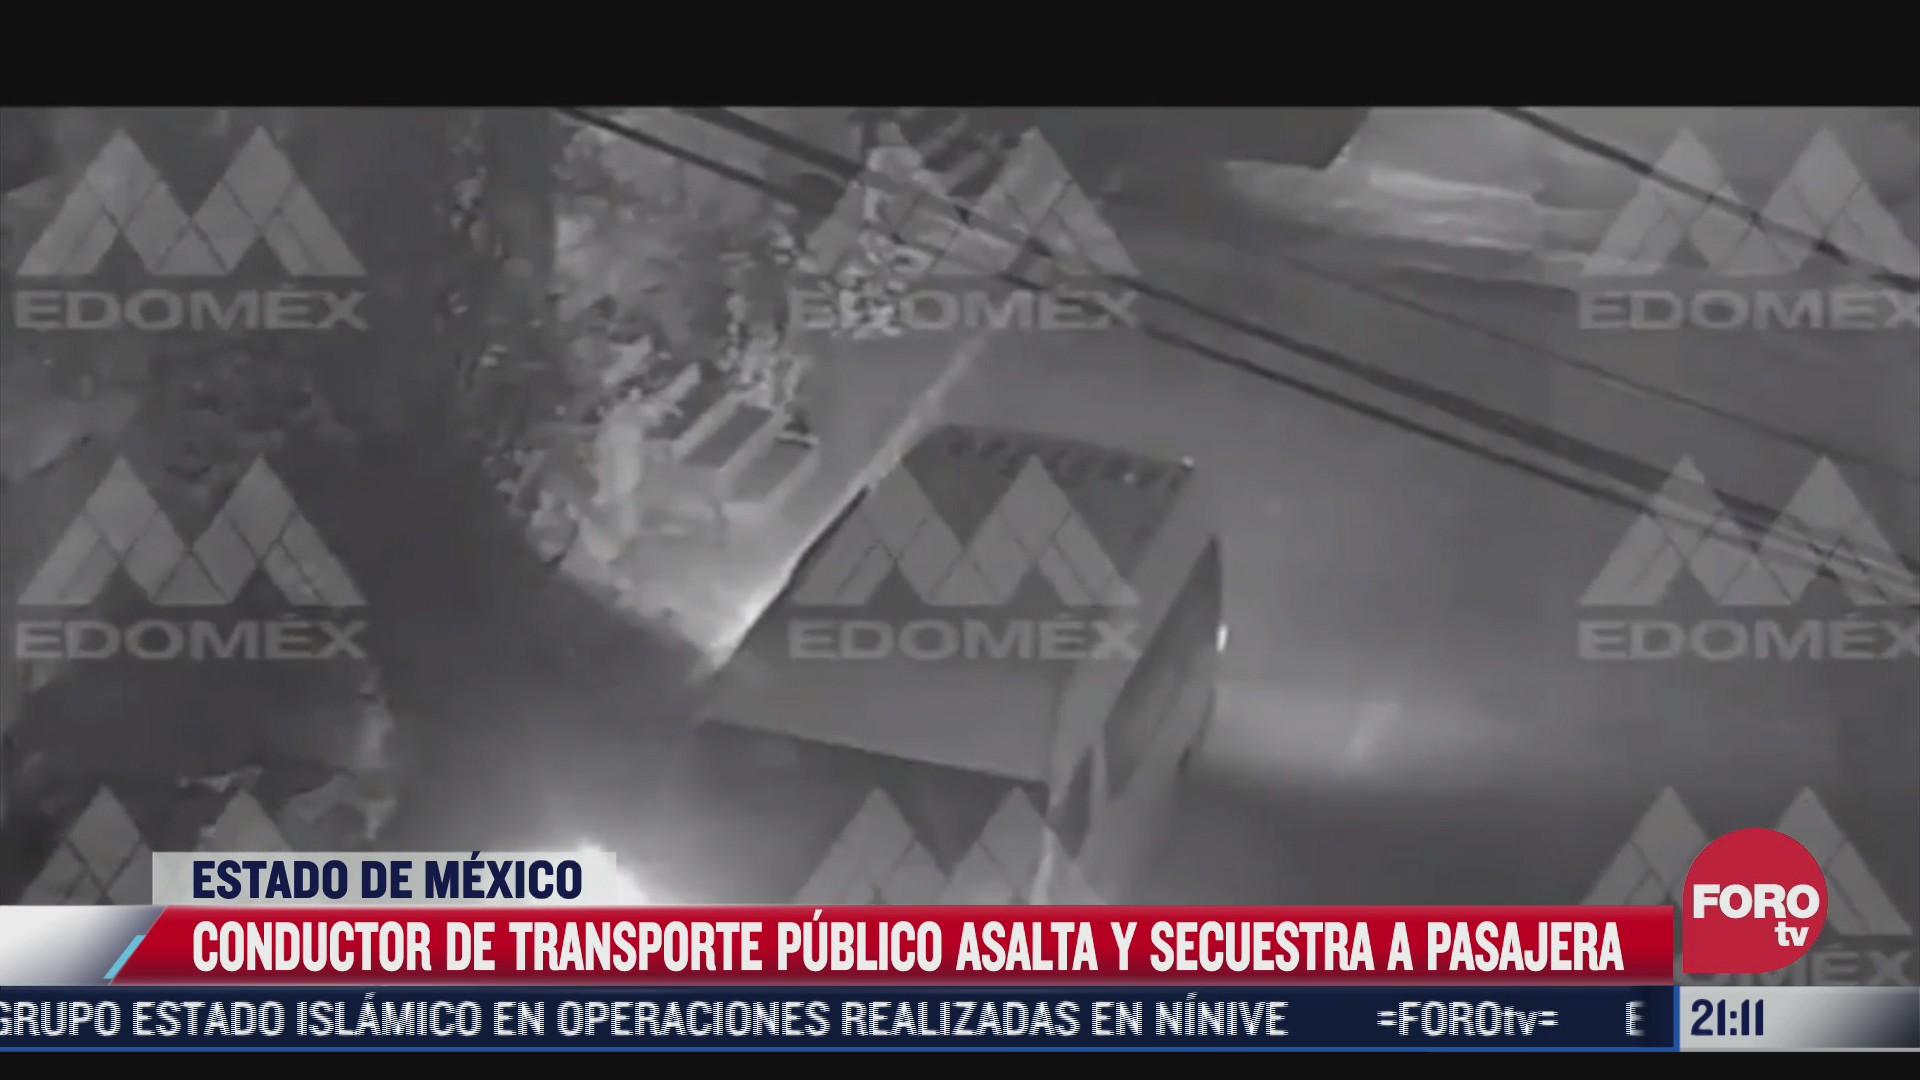 conductor de transporte publico asalta a pasajera en el estado de mexico